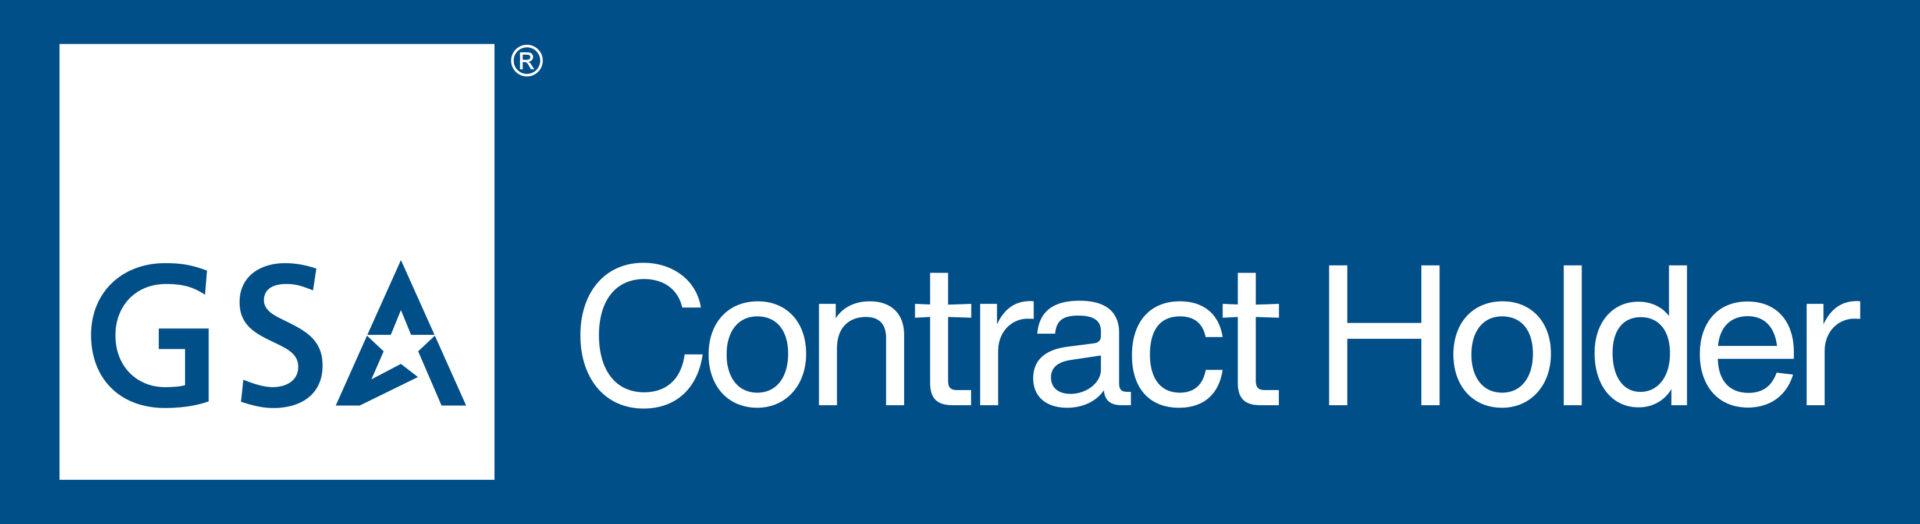 Contract_Holder-ReverseStarMark-2020